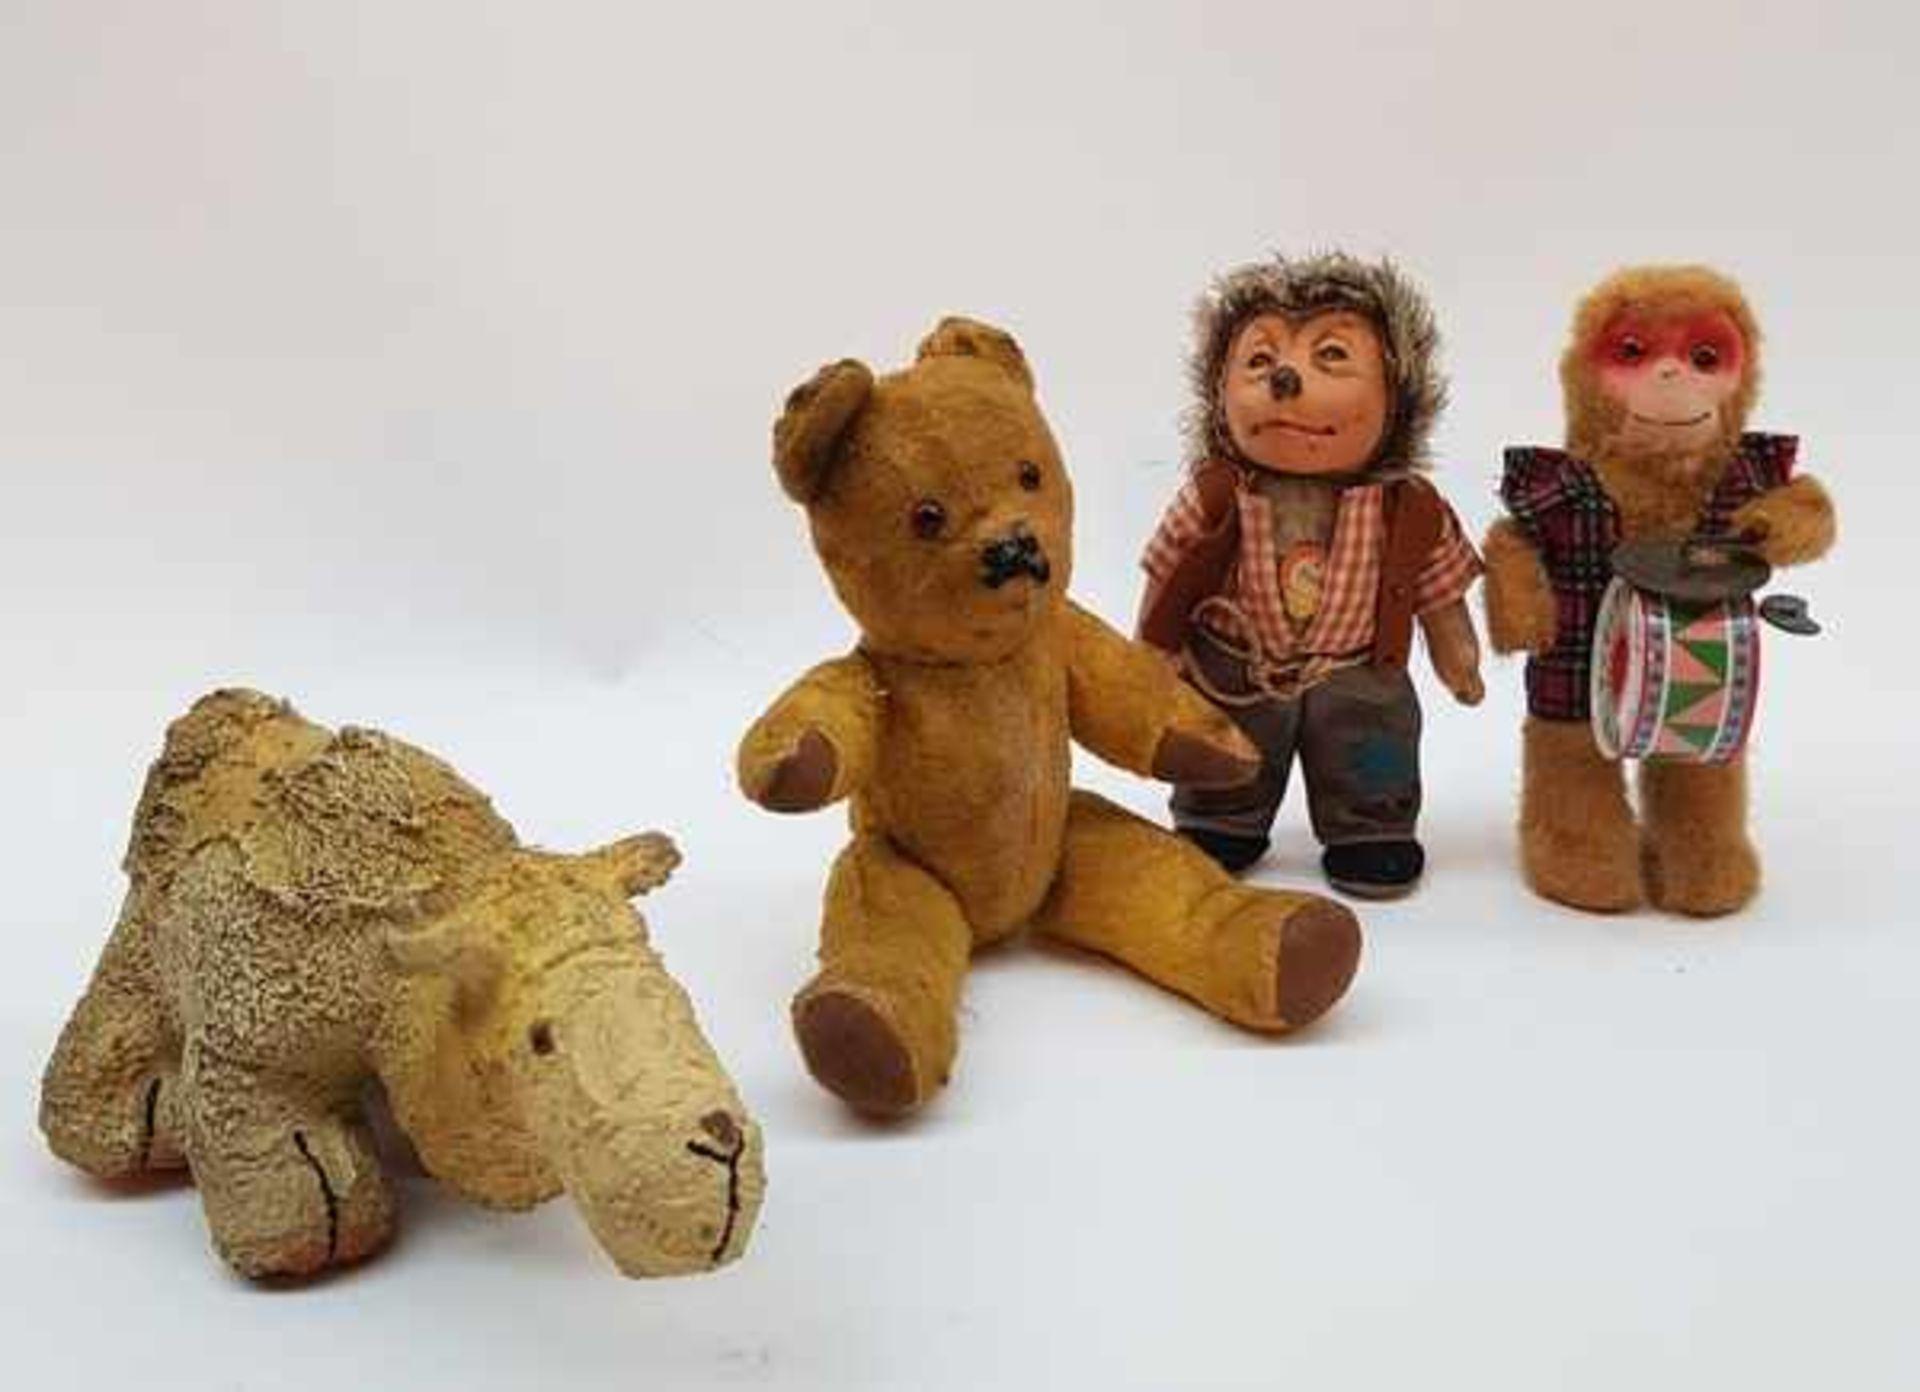 (Speelgoed) Speelgoed dieren - Bild 3 aus 6